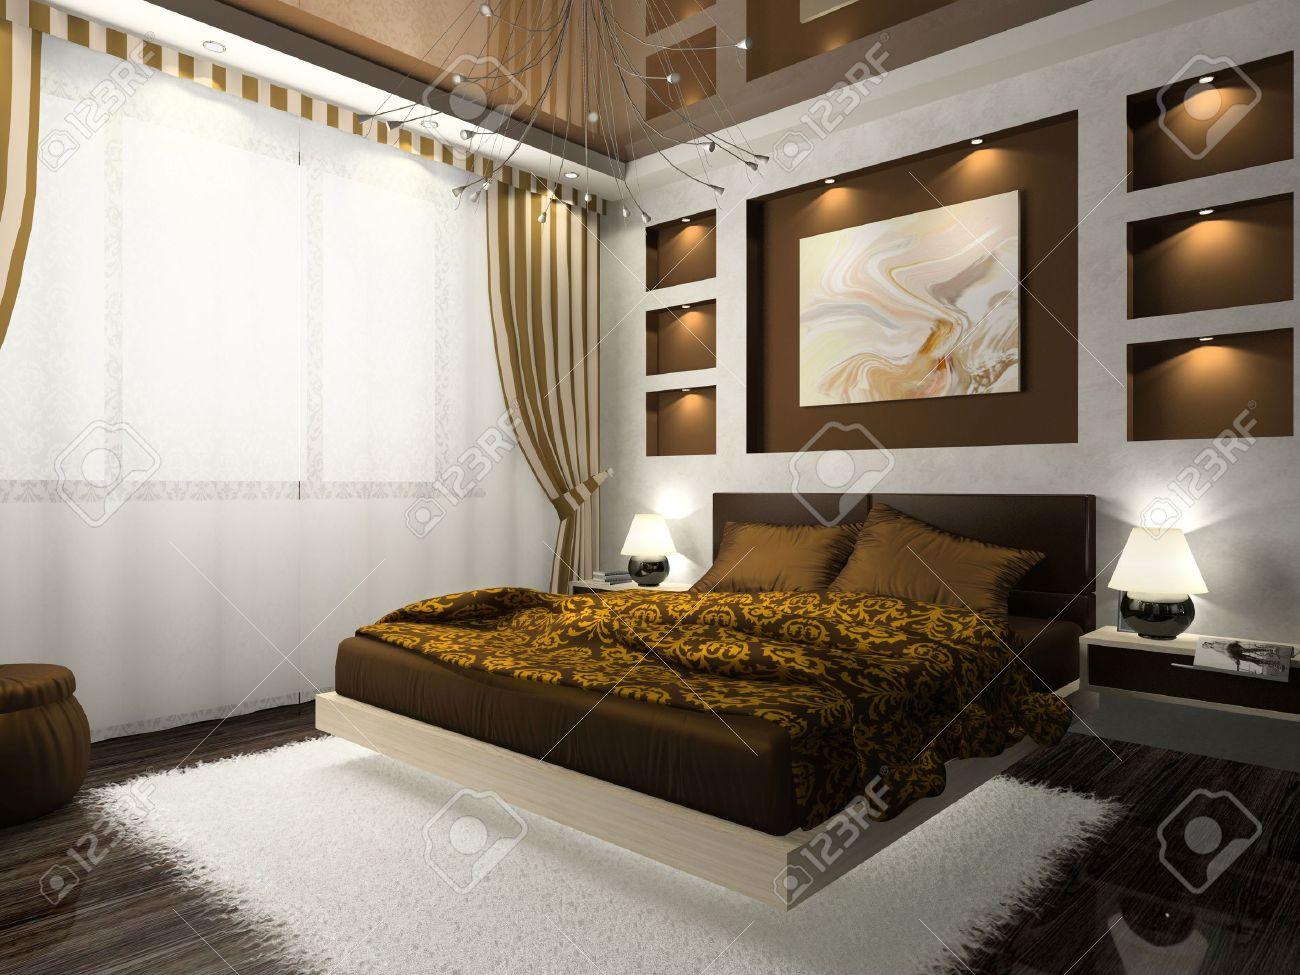 Interno della camera da letto confortevole in colore marrone. Foto sul  giornale è stato fatto da me, ho caricato il rilascio di modello